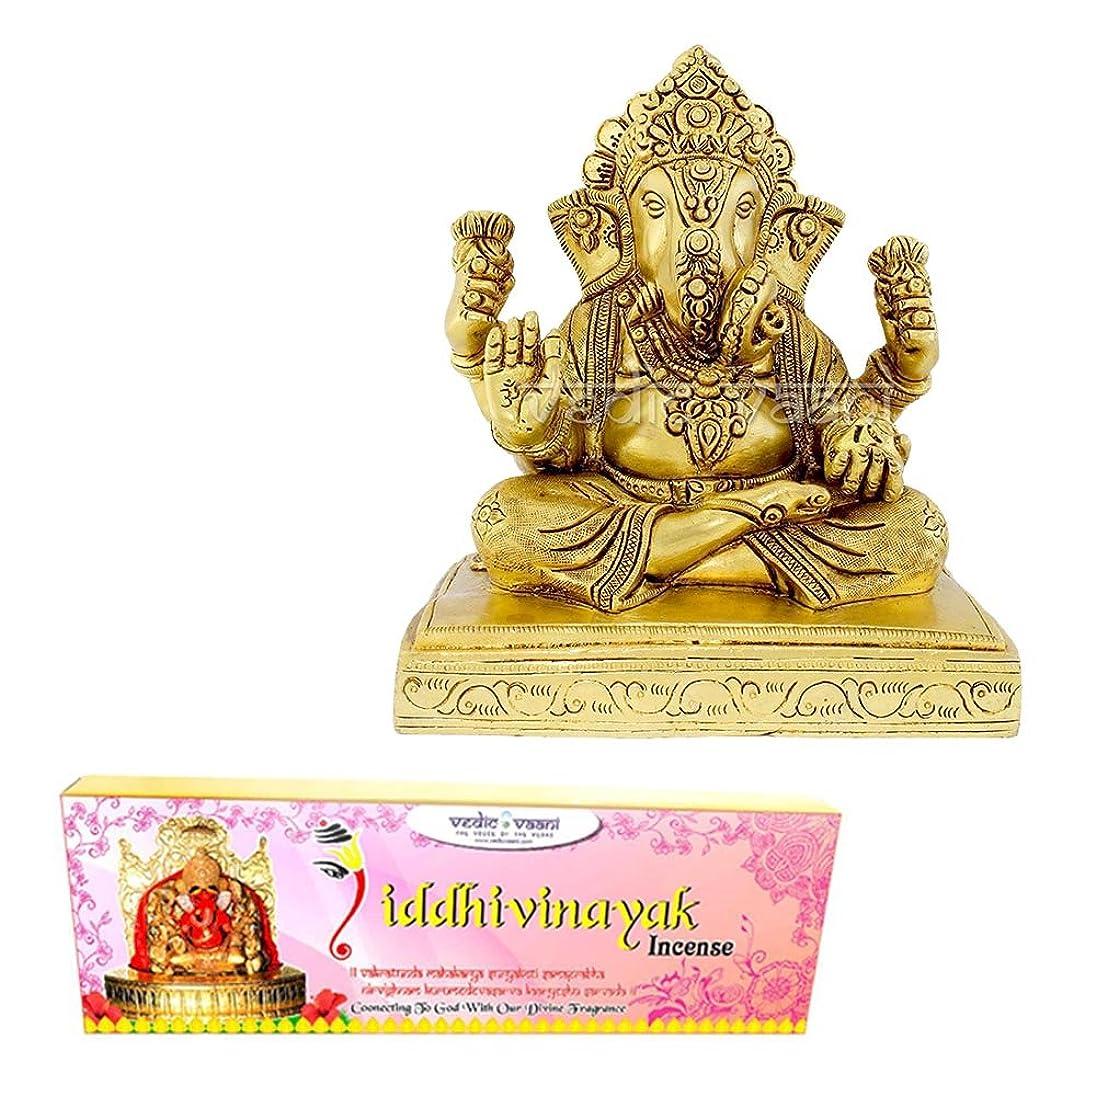 の頭の上ミットエールVedic Vaani Dagadusheth Ganpati Bappa Fine Idol In Brass With Siddhi Vinayak Incense